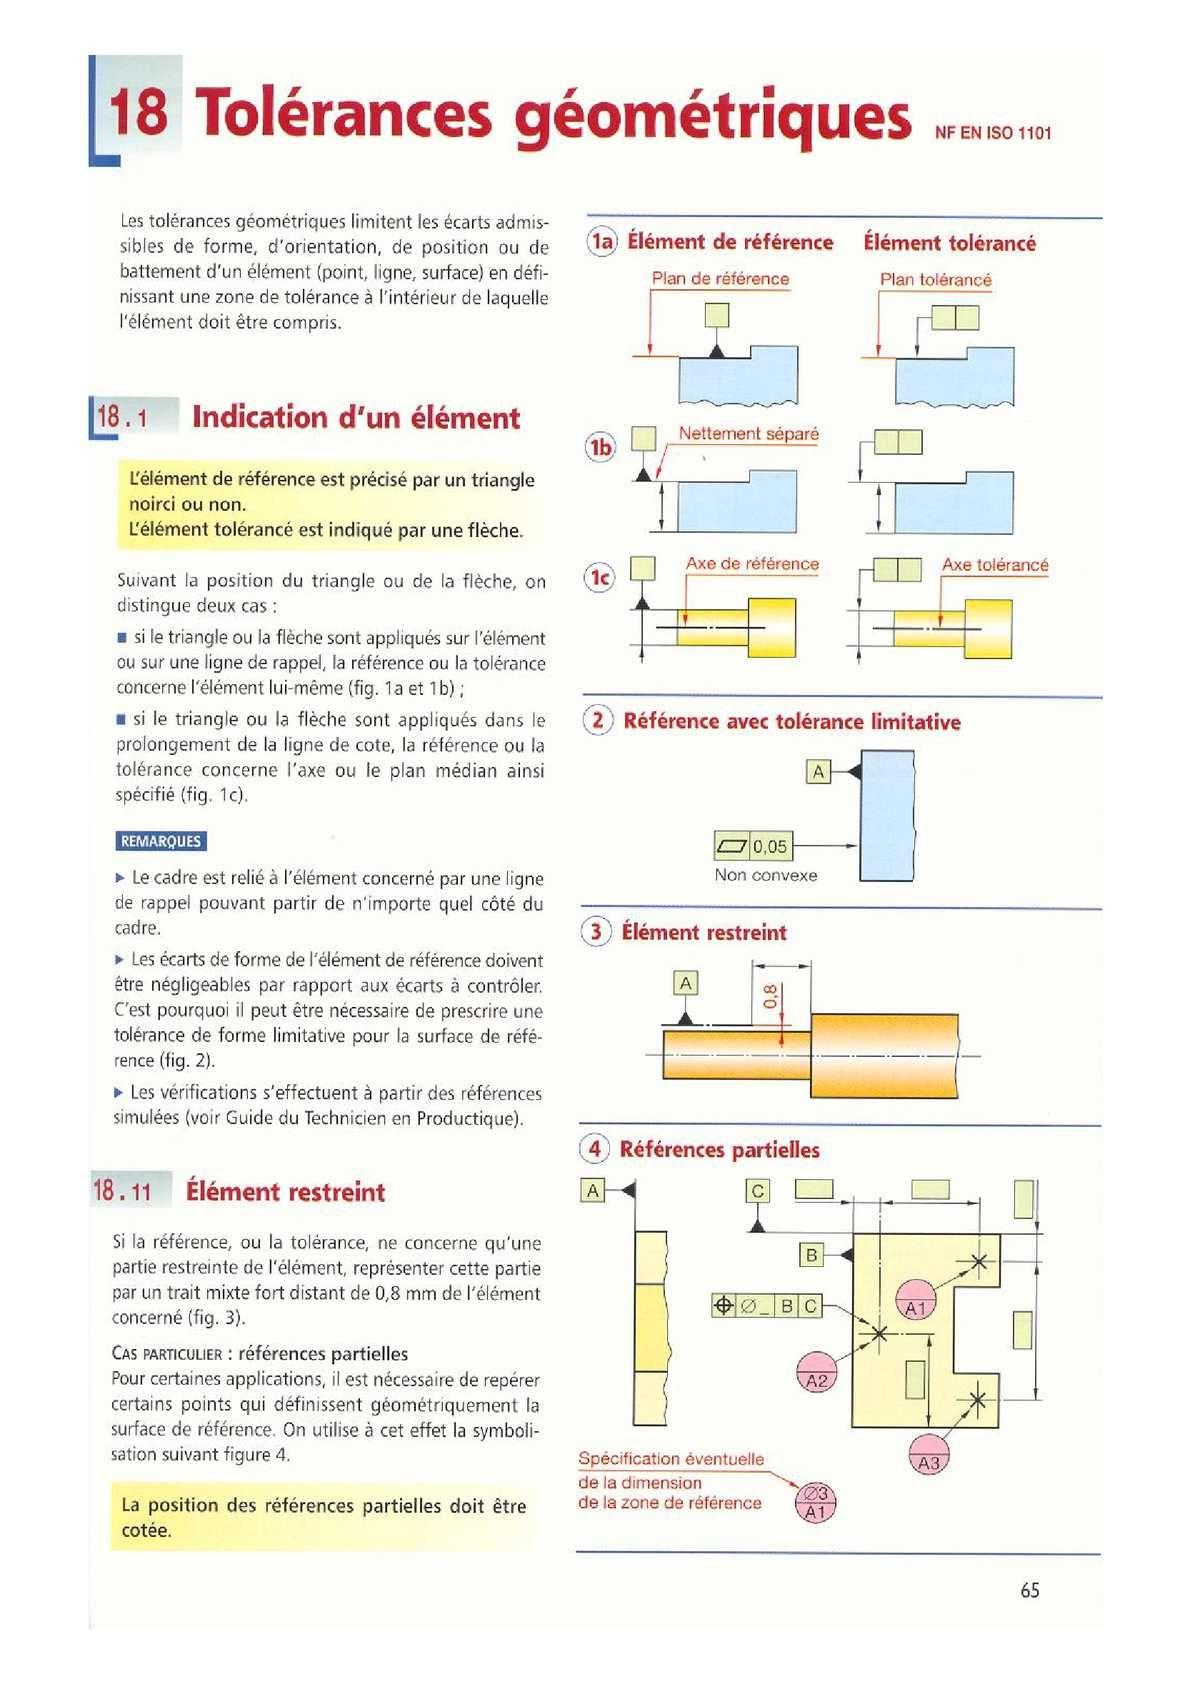 Guide Du Dessinateur Industriel Pdf : guide, dessinateur, industriel, Print, Guide, Dessinateur, Industriel, Chevalier, Guide,